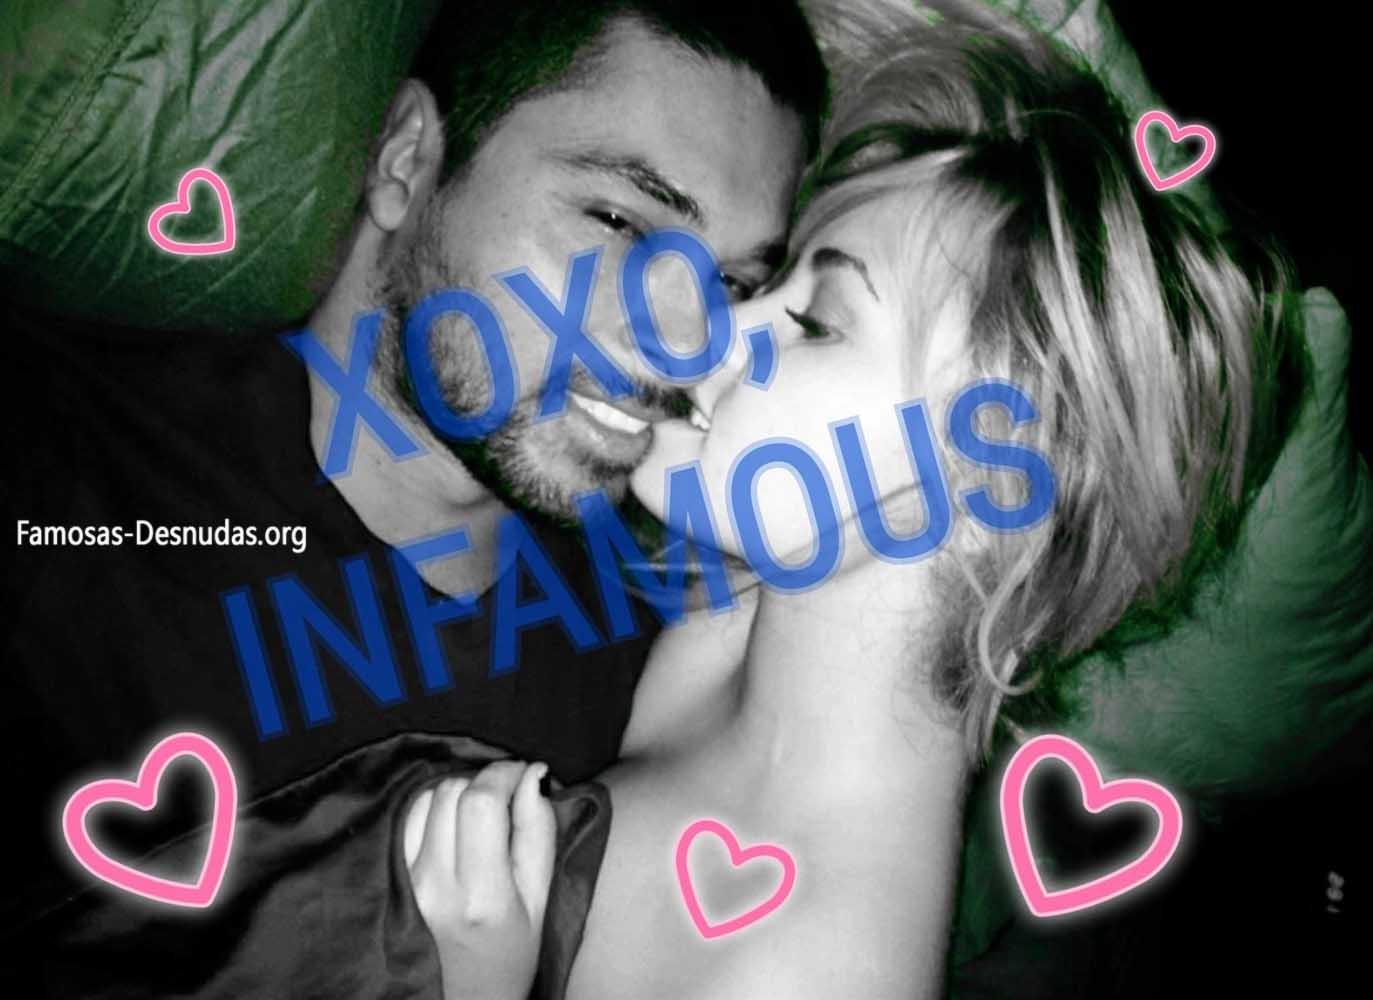 Demi Lovato xxx Fotos Hackeadas de su Movil -famosas-desnudas-celebrity-porn-descuidos-cantantes-top-imagenes-celebridades-sin-ropa (3)